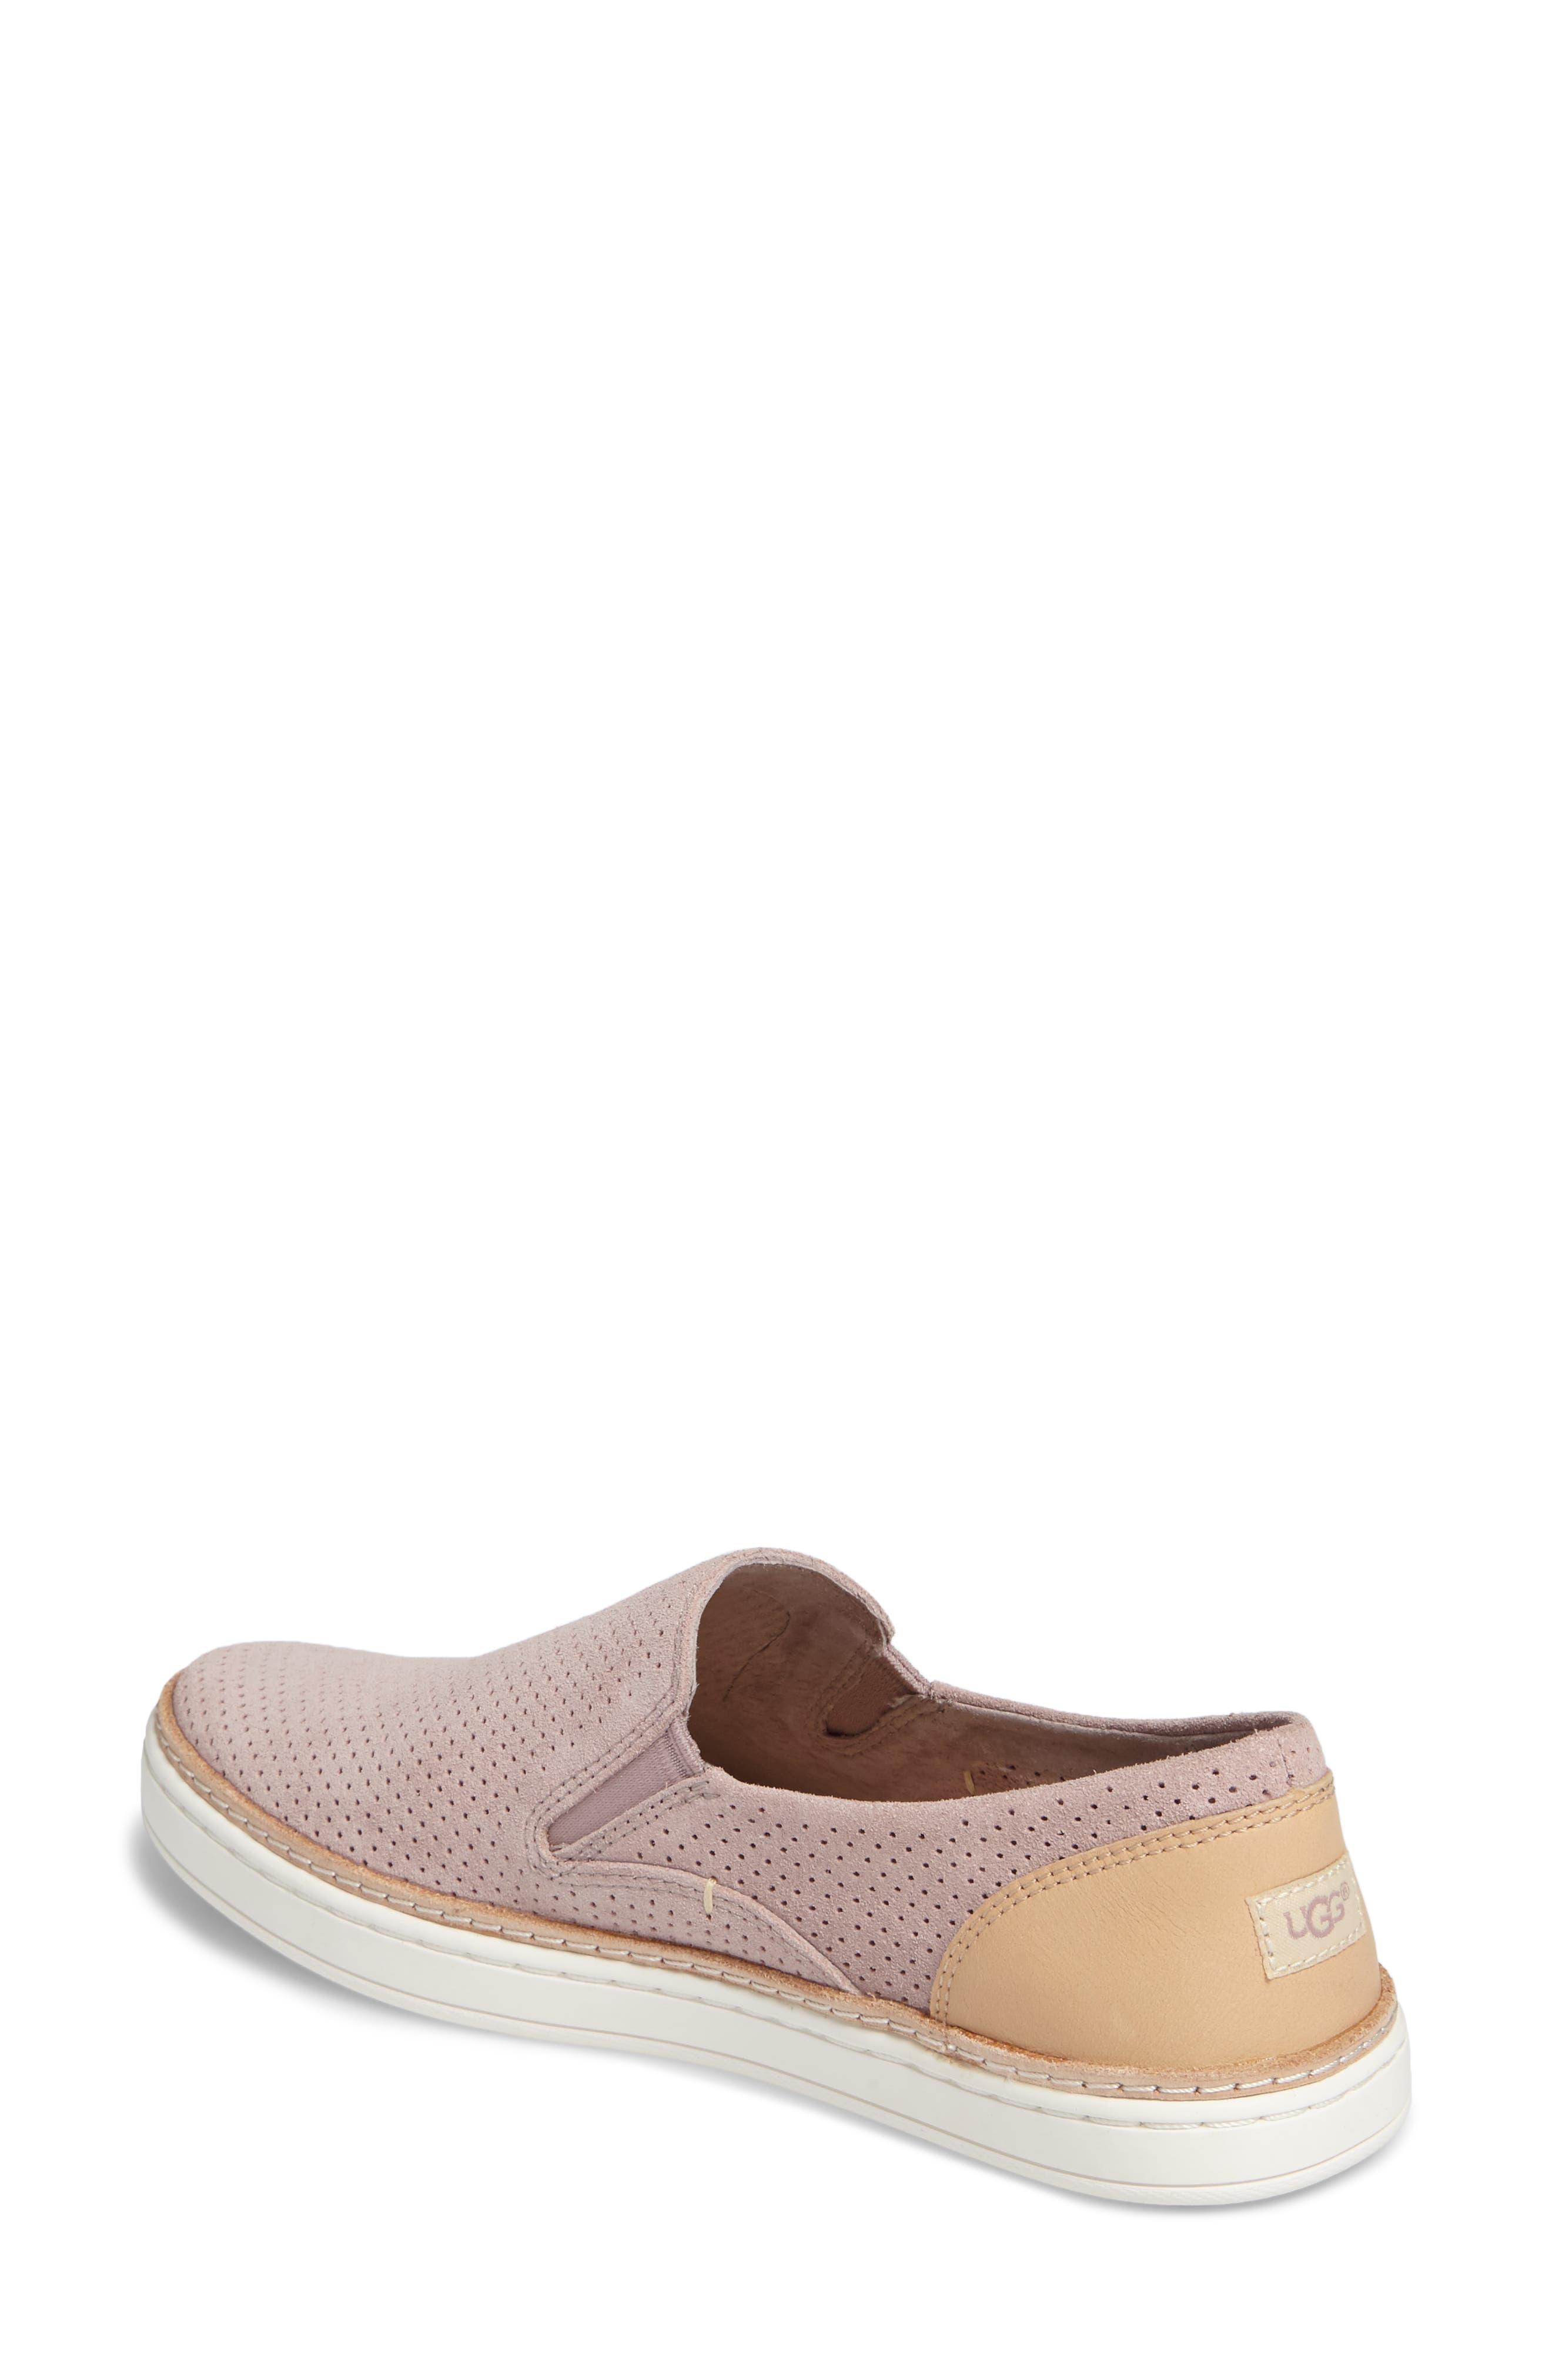 Adley Slip-On Sneaker,                             Alternate thumbnail 20, color,